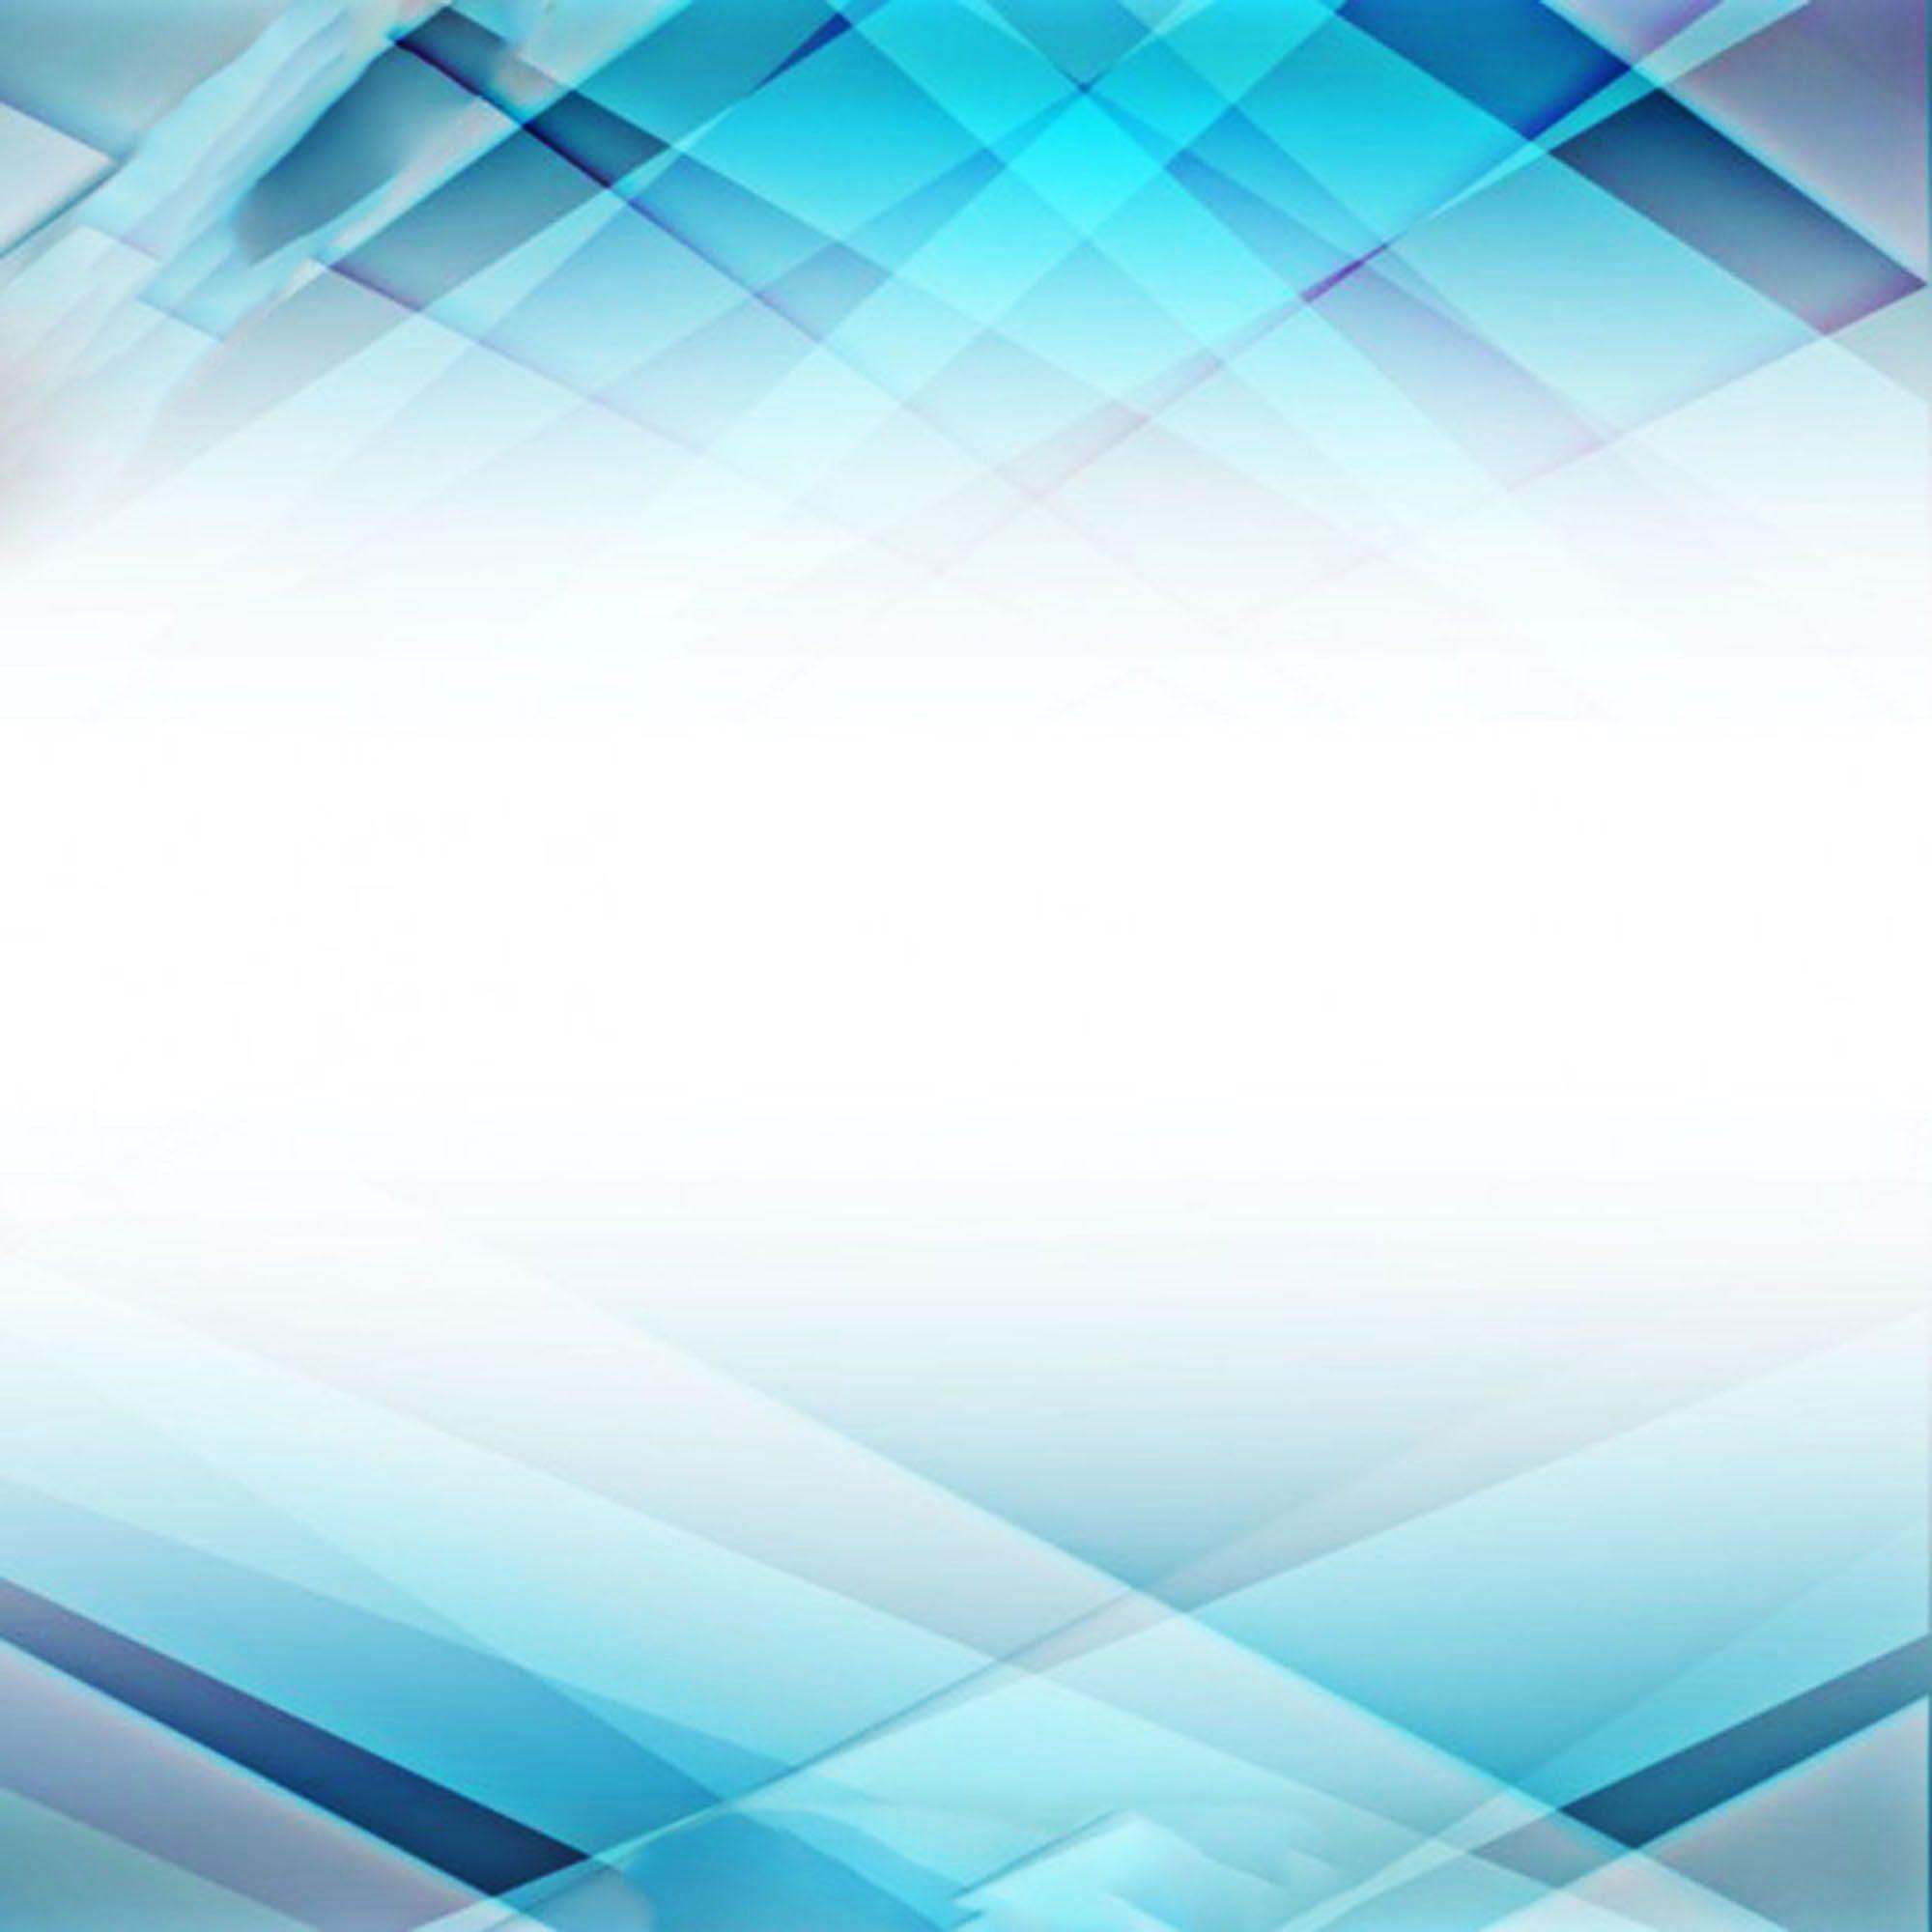 Des Millions D Images Png Fond Et Vecteurs Pour Le Telechargement Gratuit Pngtree Arriere Plan Geometrique Arriere Plan Dessin Geometrique